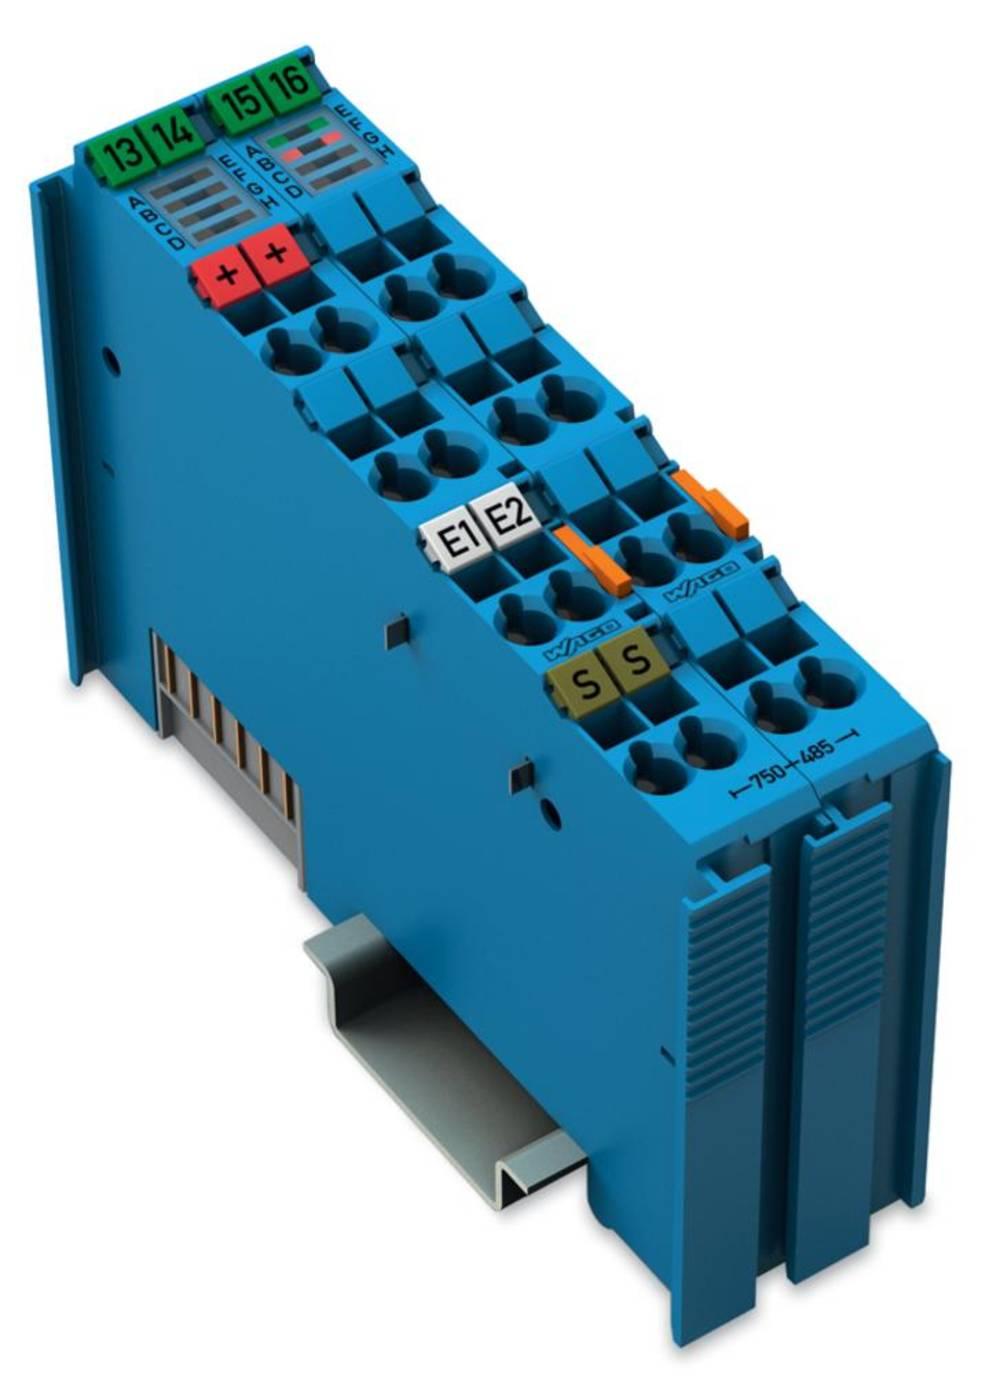 WAGO 2-kanalna-analogna vhodna spona 750-485 vsebuje: 1 kos